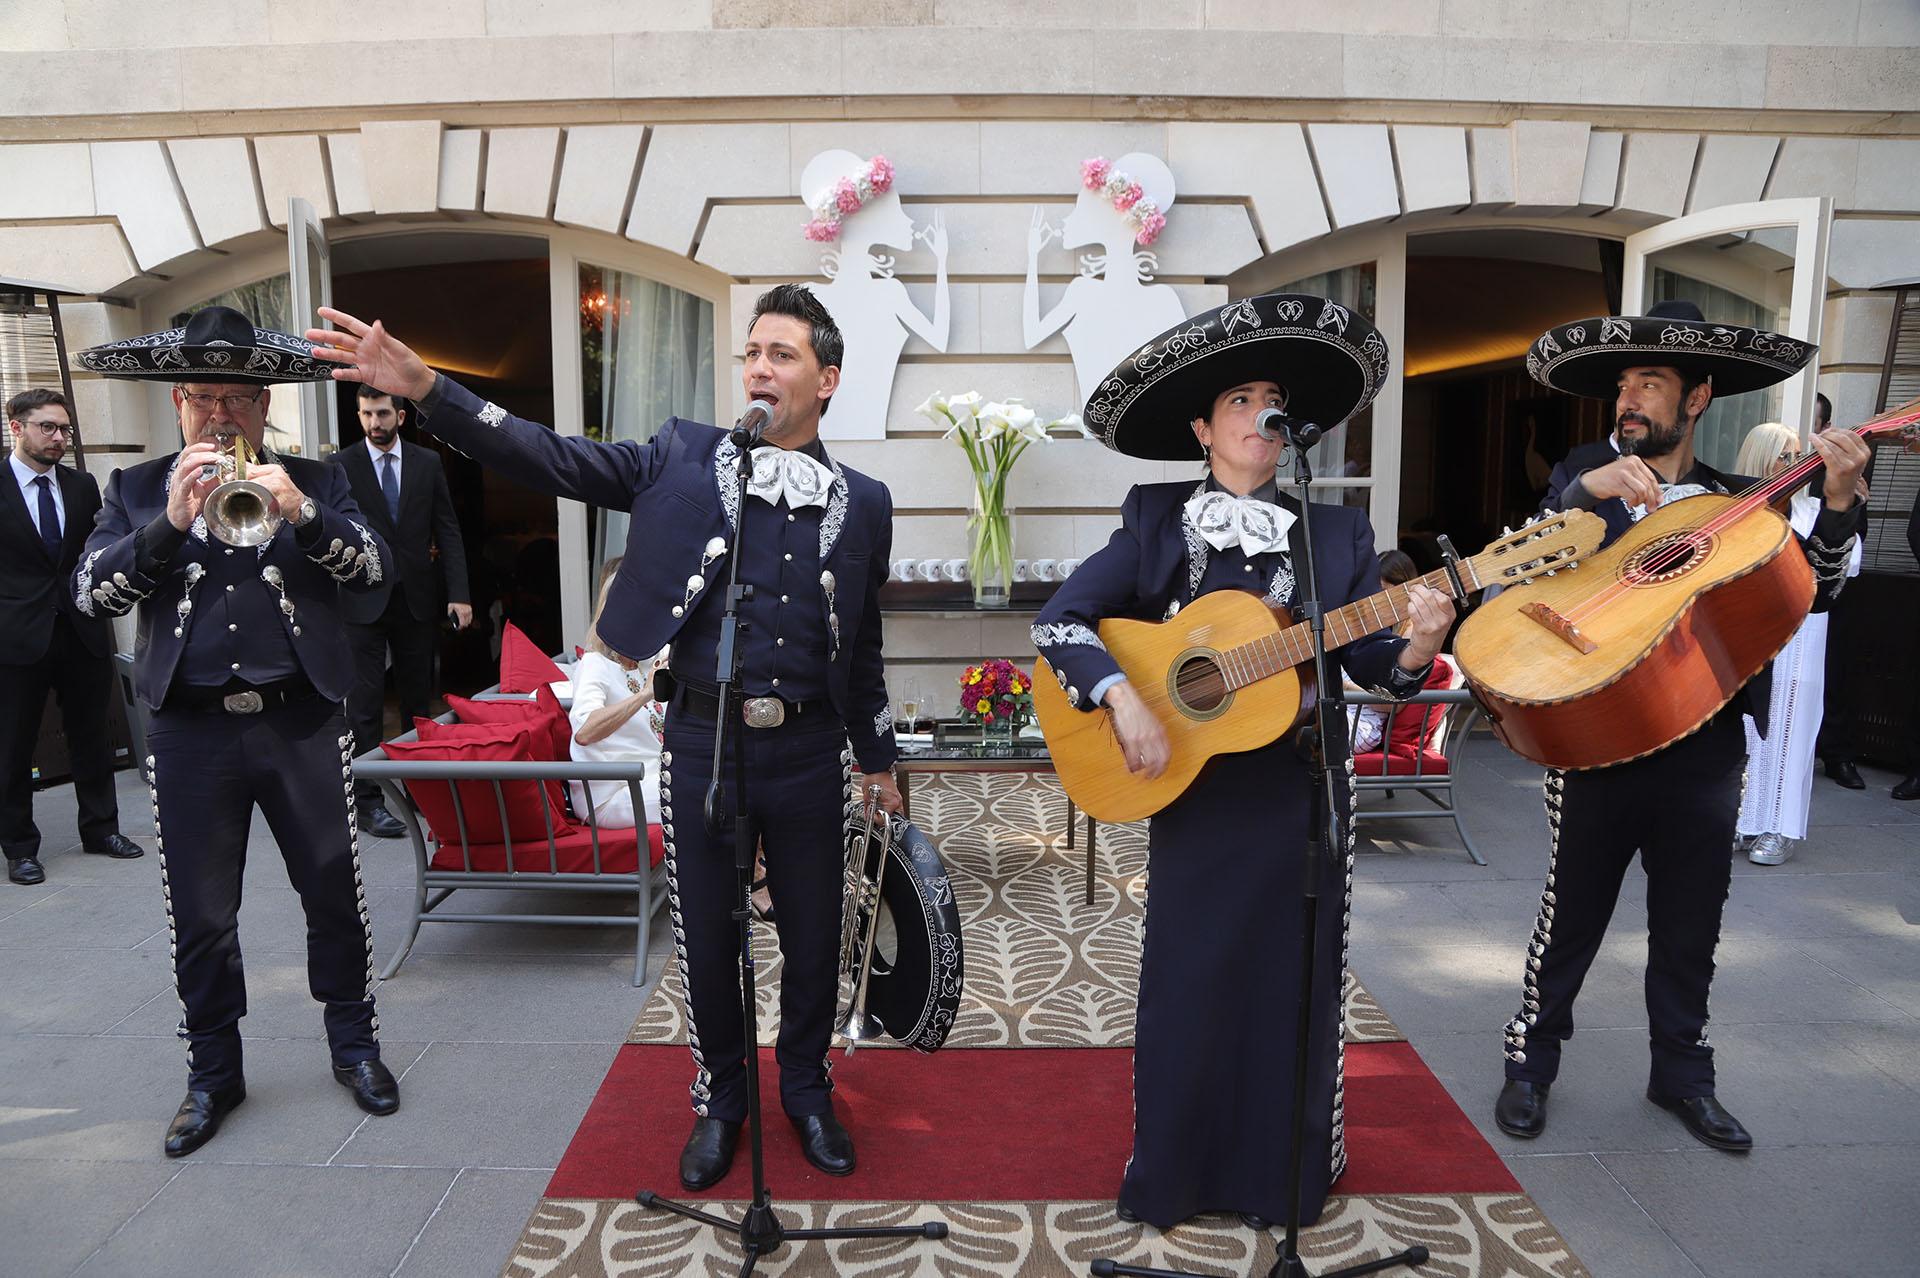 Los mariachis hicieron bailar a los invitados